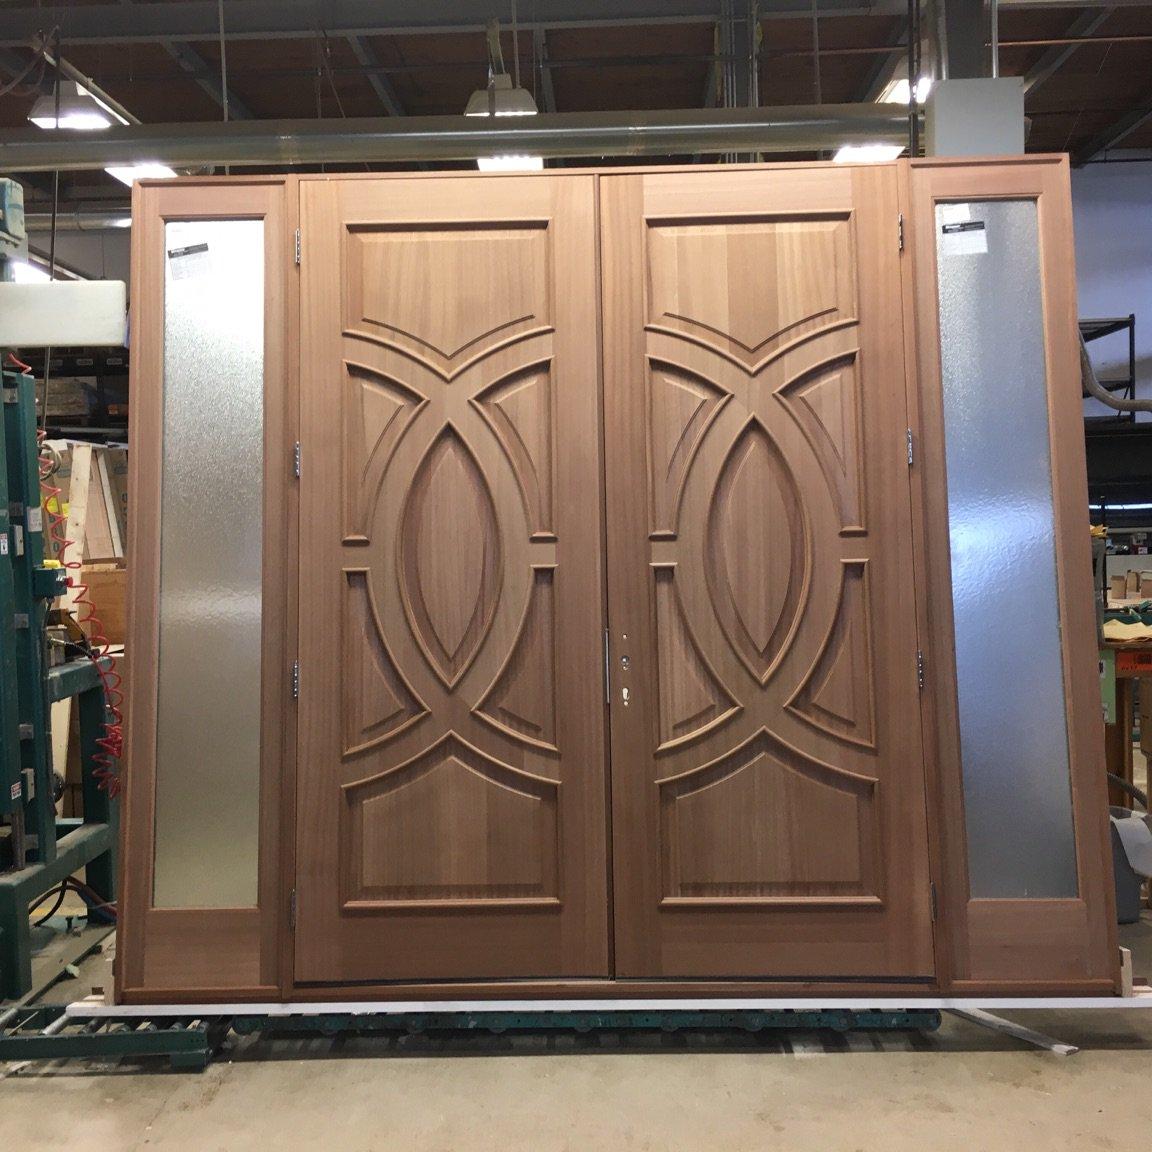 Simpson door company simpsondoor twitter for Simpson doors